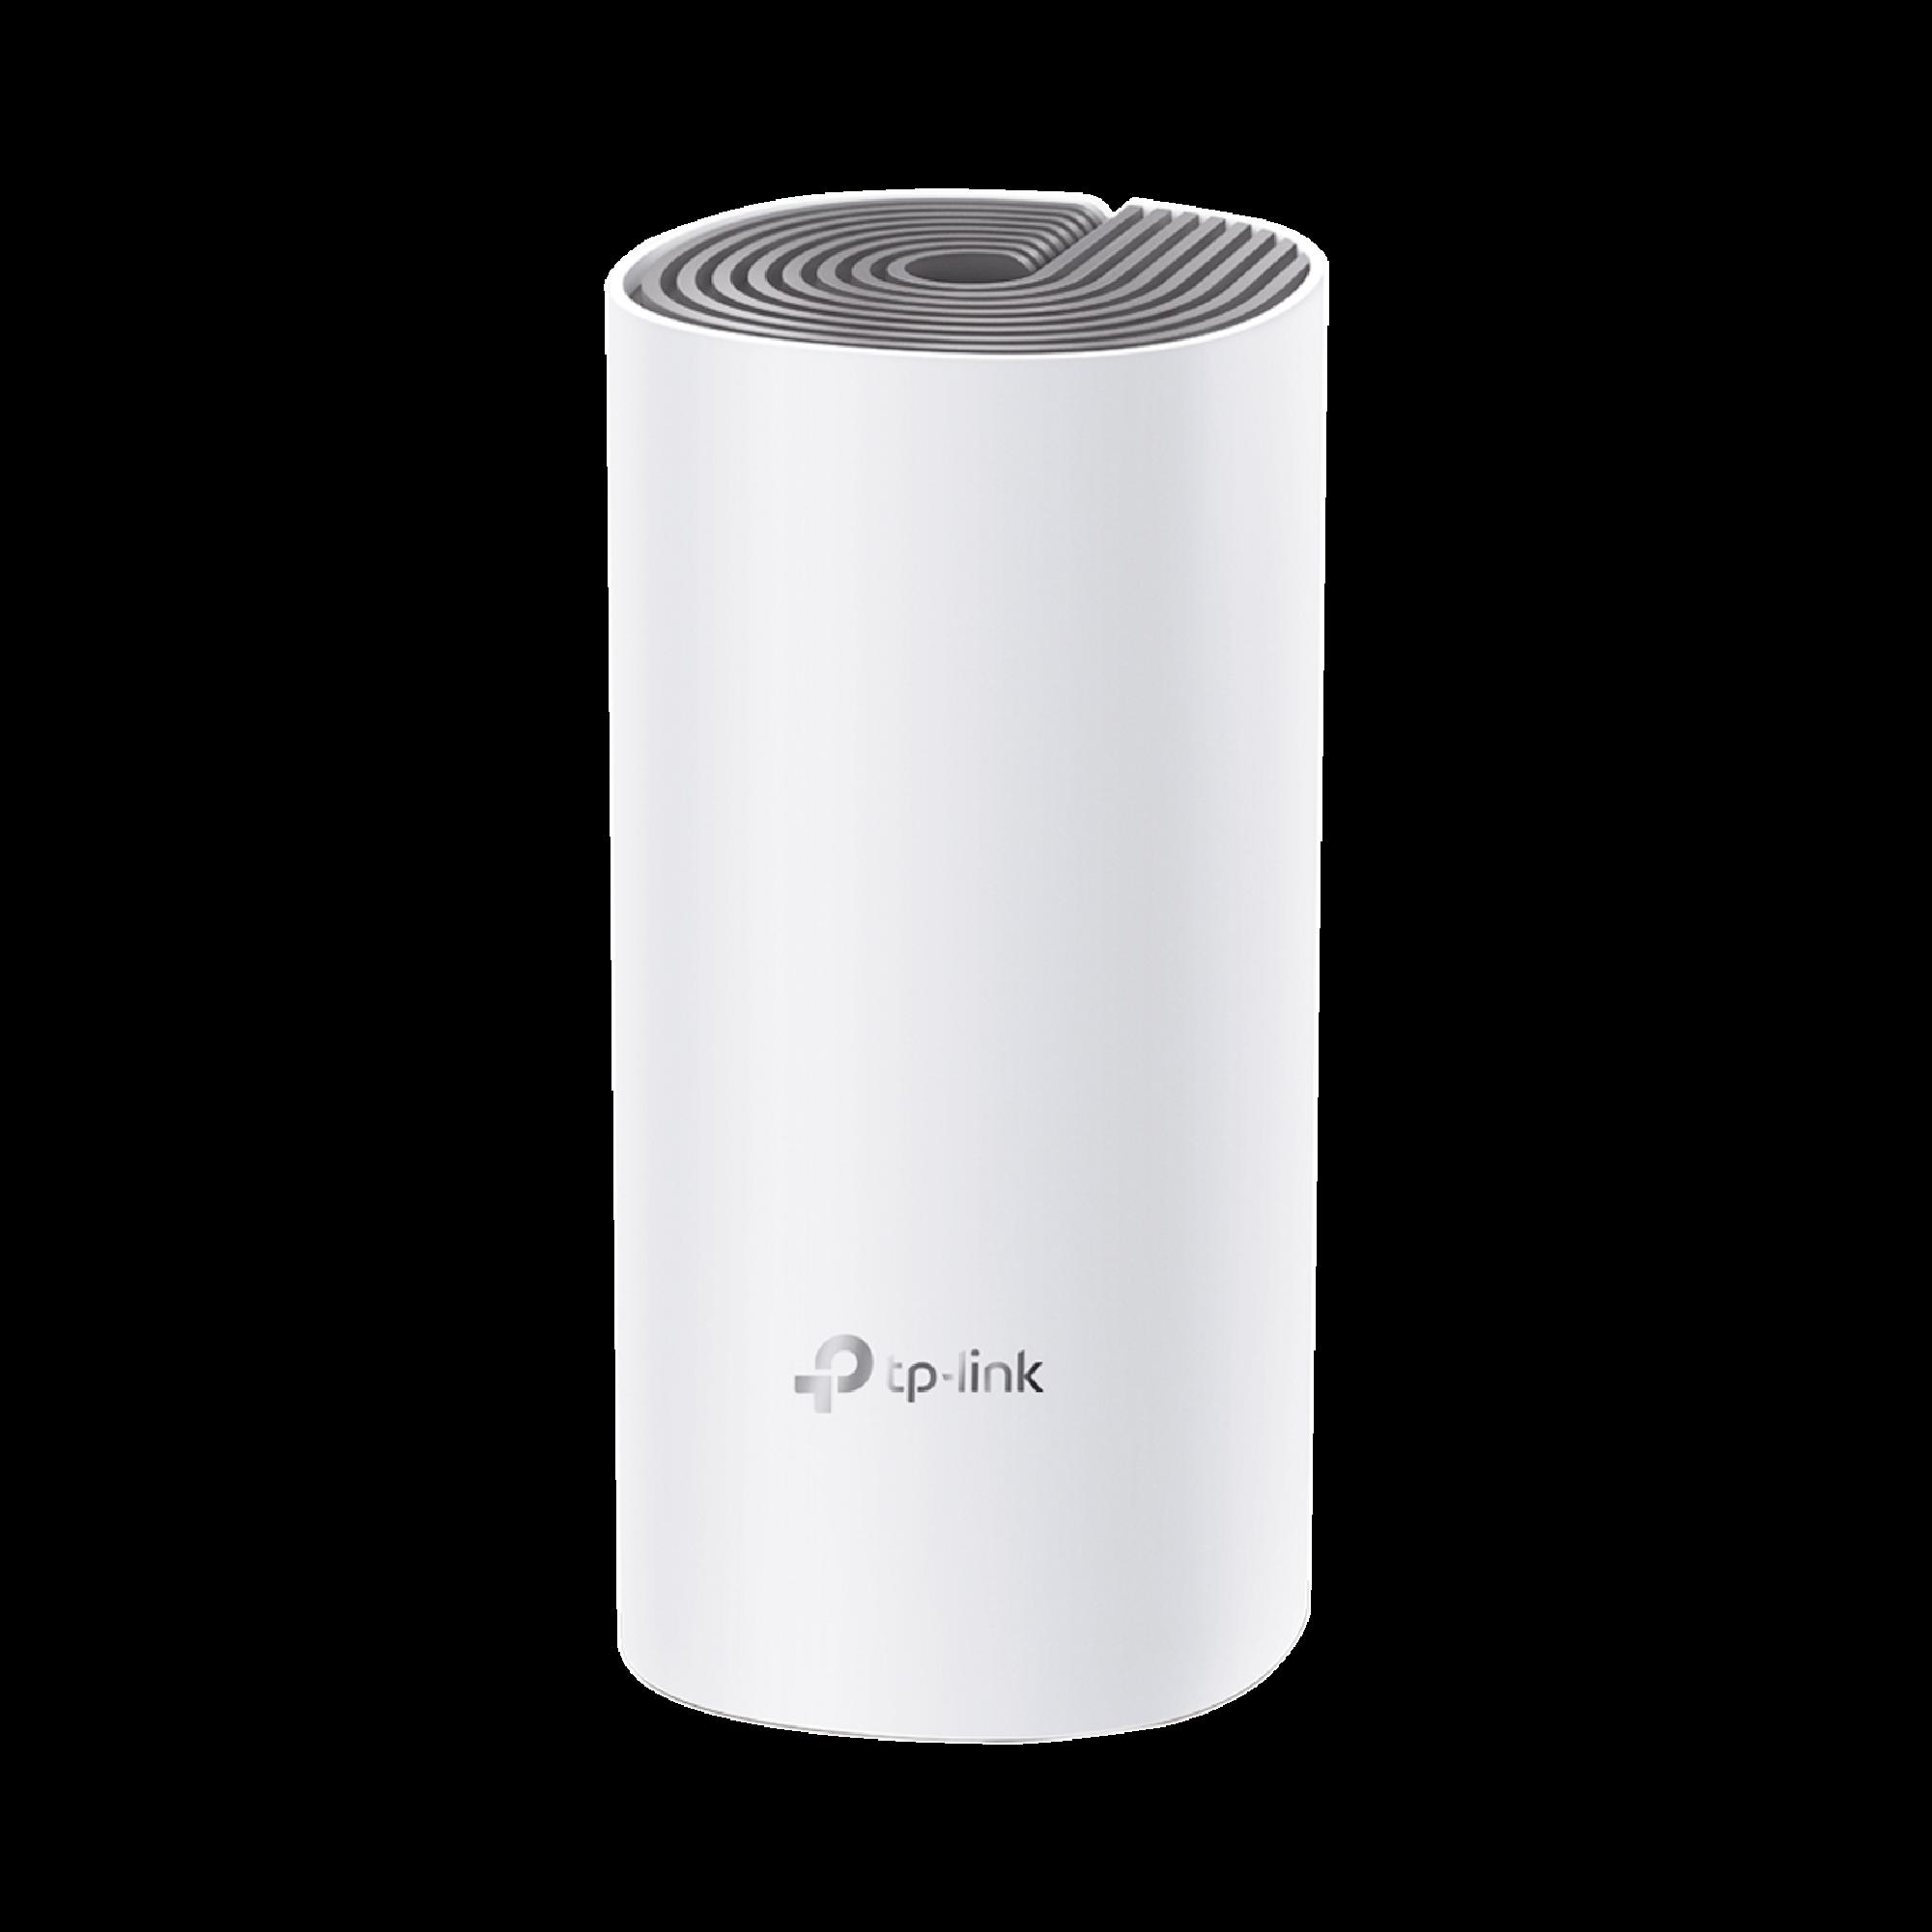 Router inalámbrico mesh para hogar, doble banda AC 1200, doble puerto 10/100 Mbps, compatible con amazon alexa.